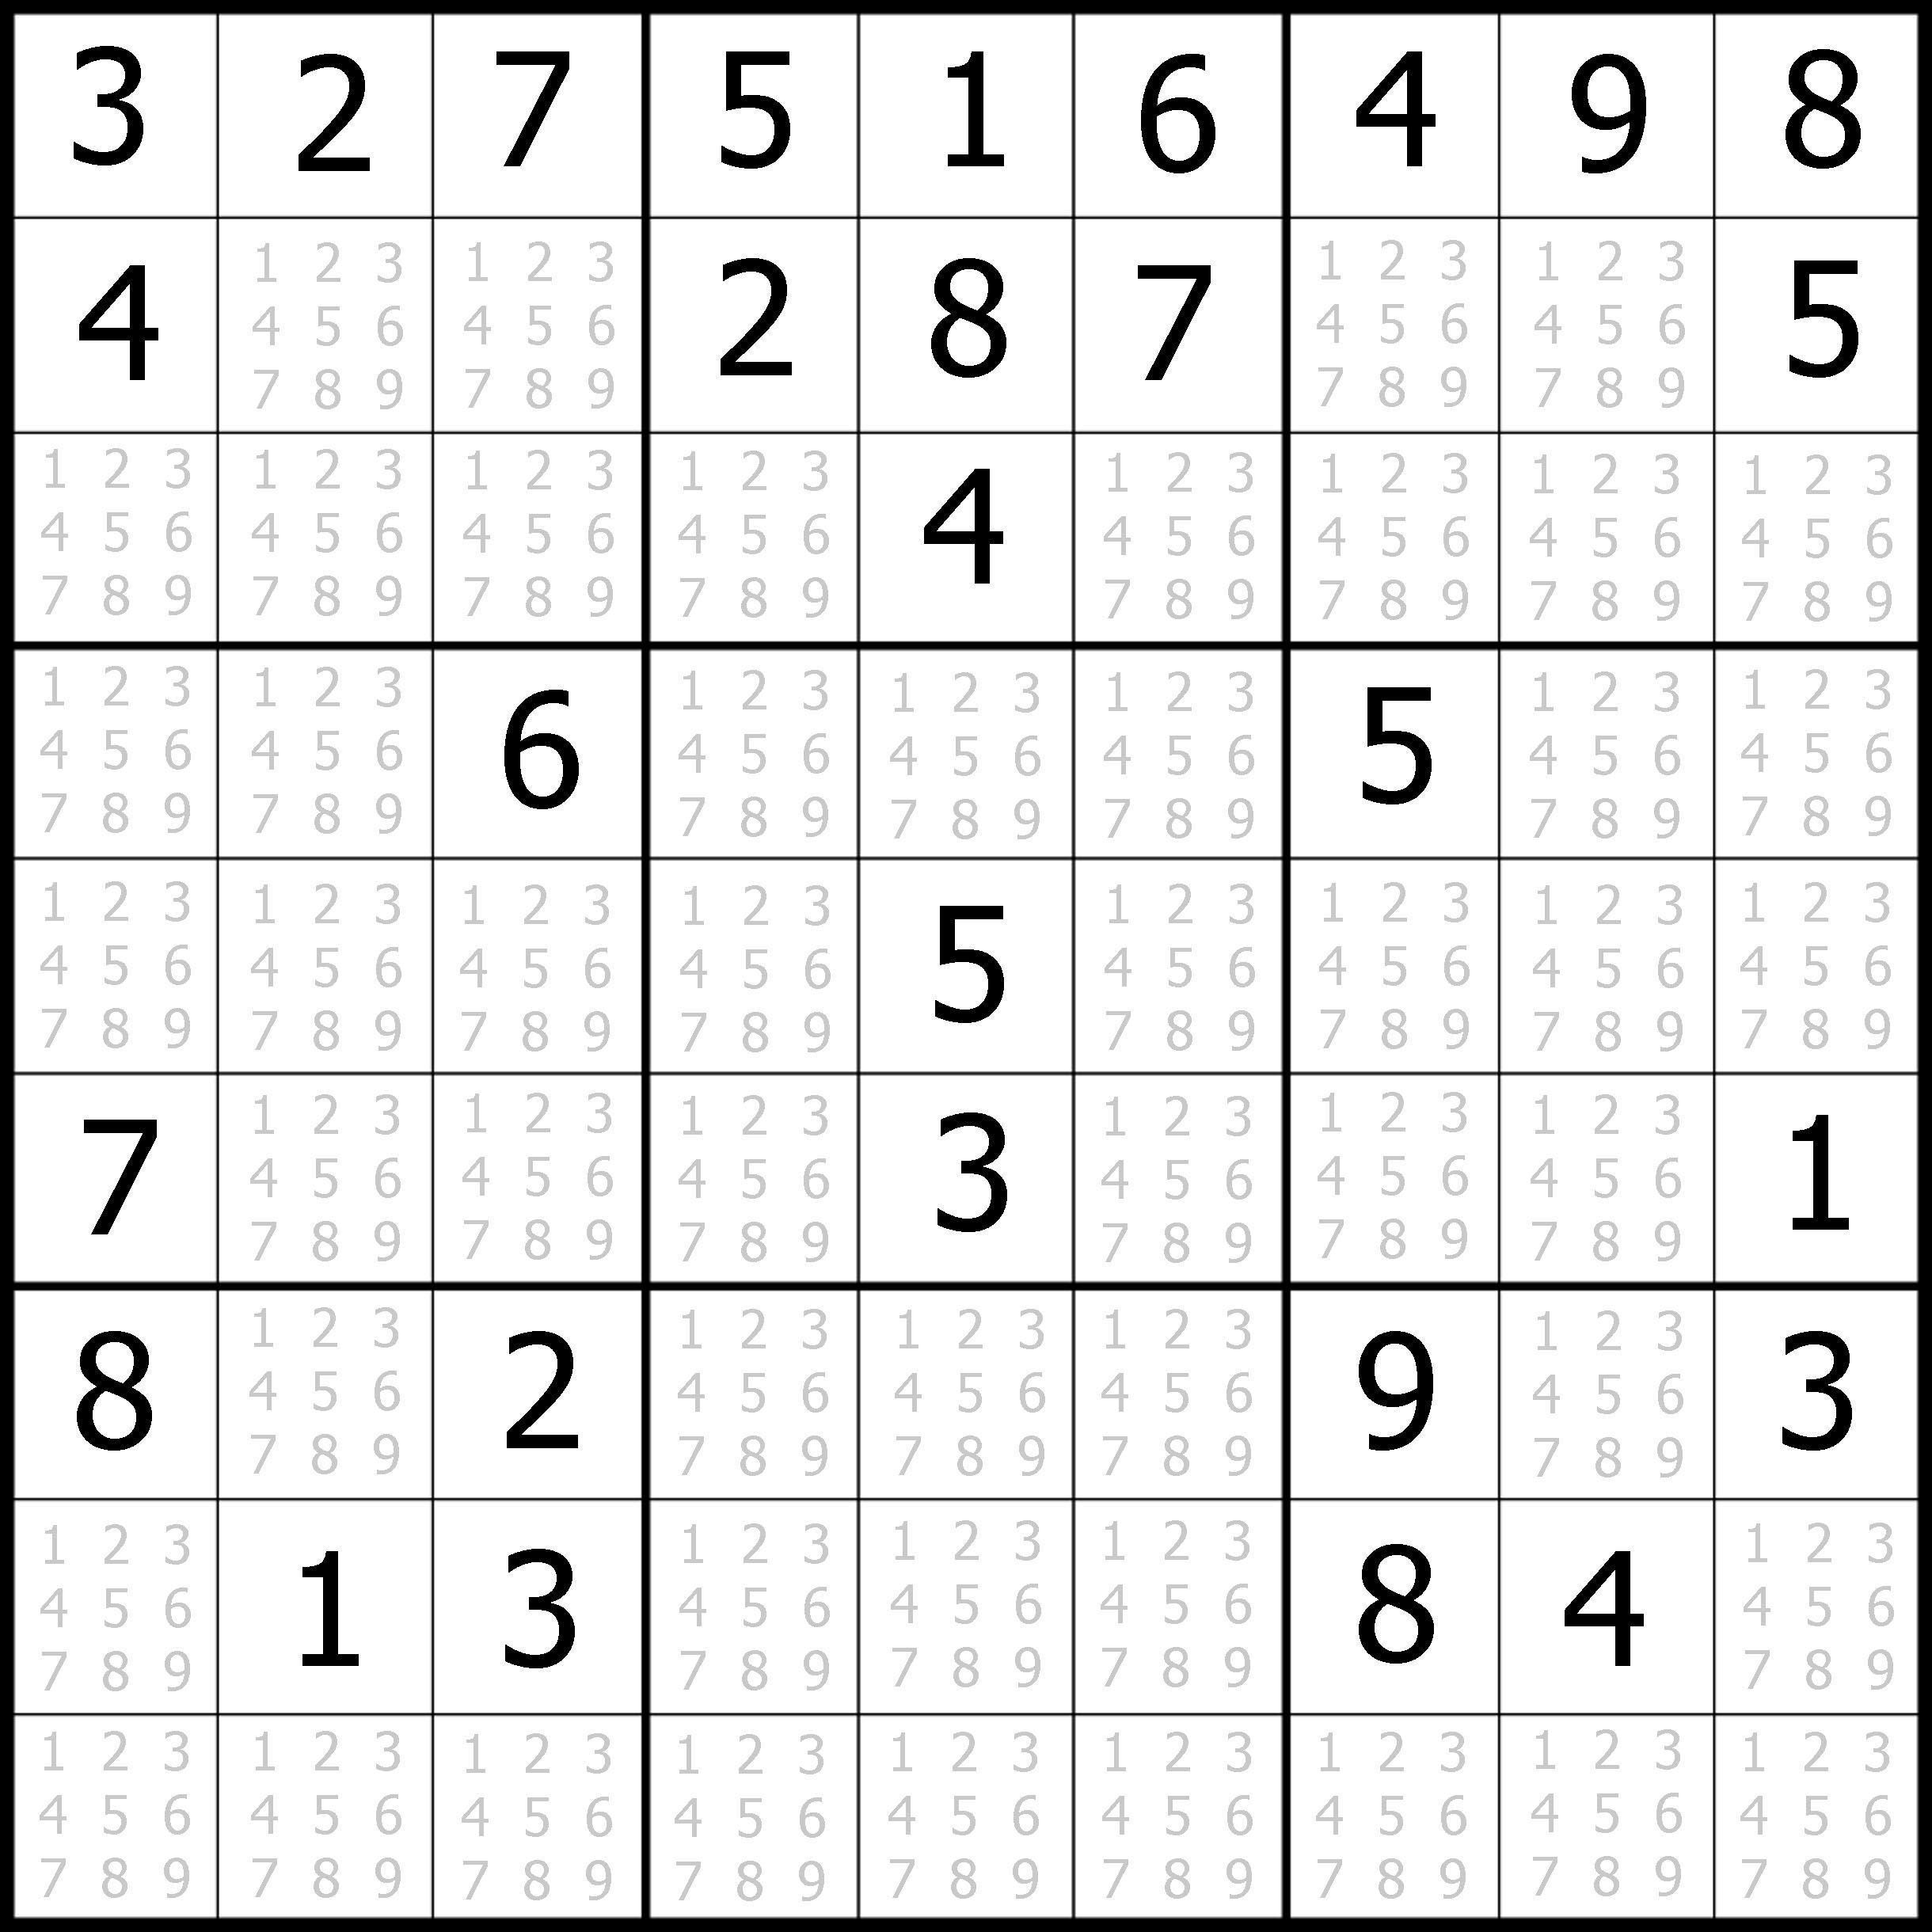 Sudoku Printable | Free, Medium, Printable Sudoku Puzzle #1 | My - Printable Sudoku Puzzles Easy #1 Answers